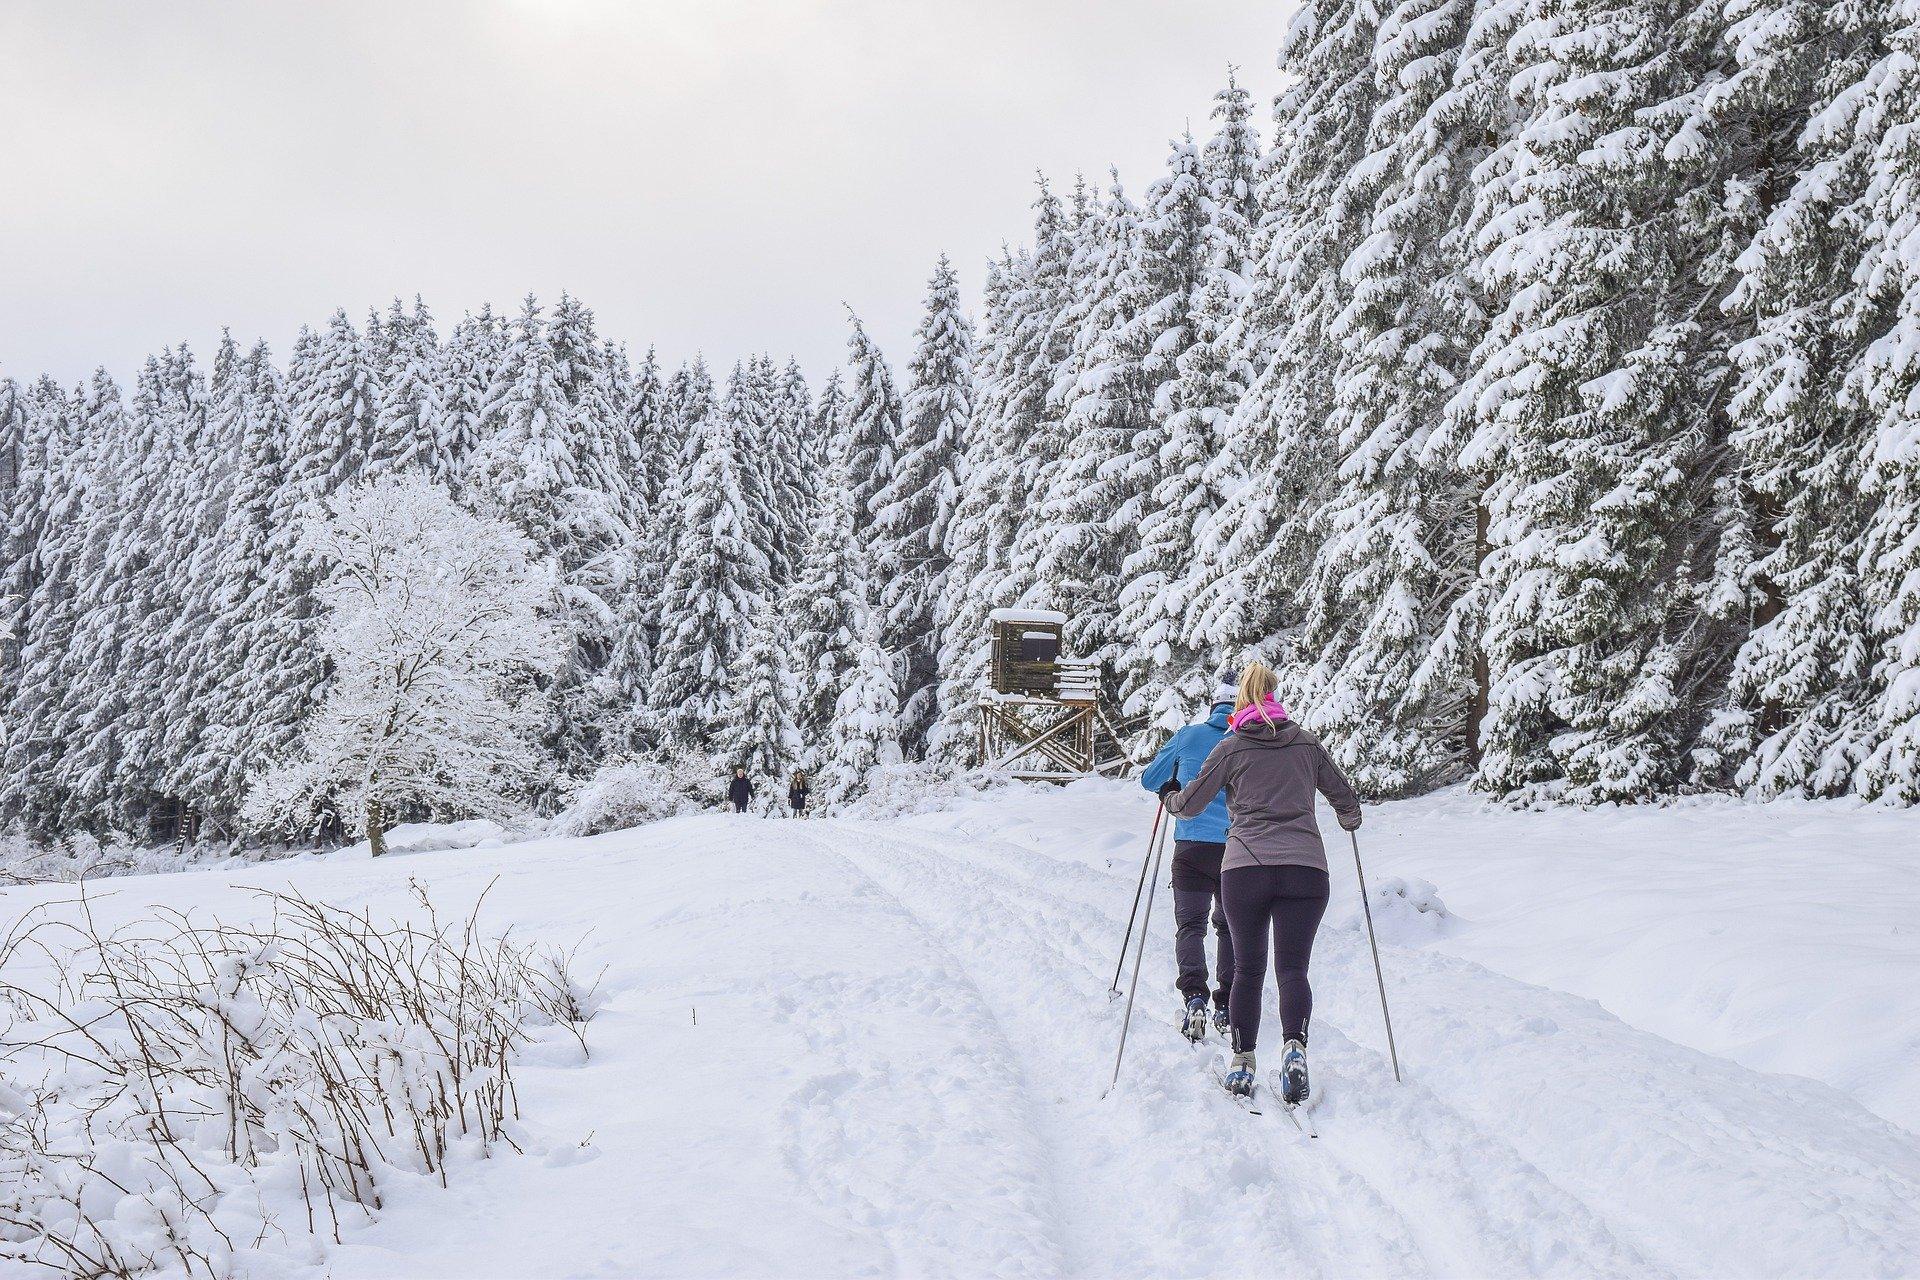 människor skidåkning- Skidkonferens